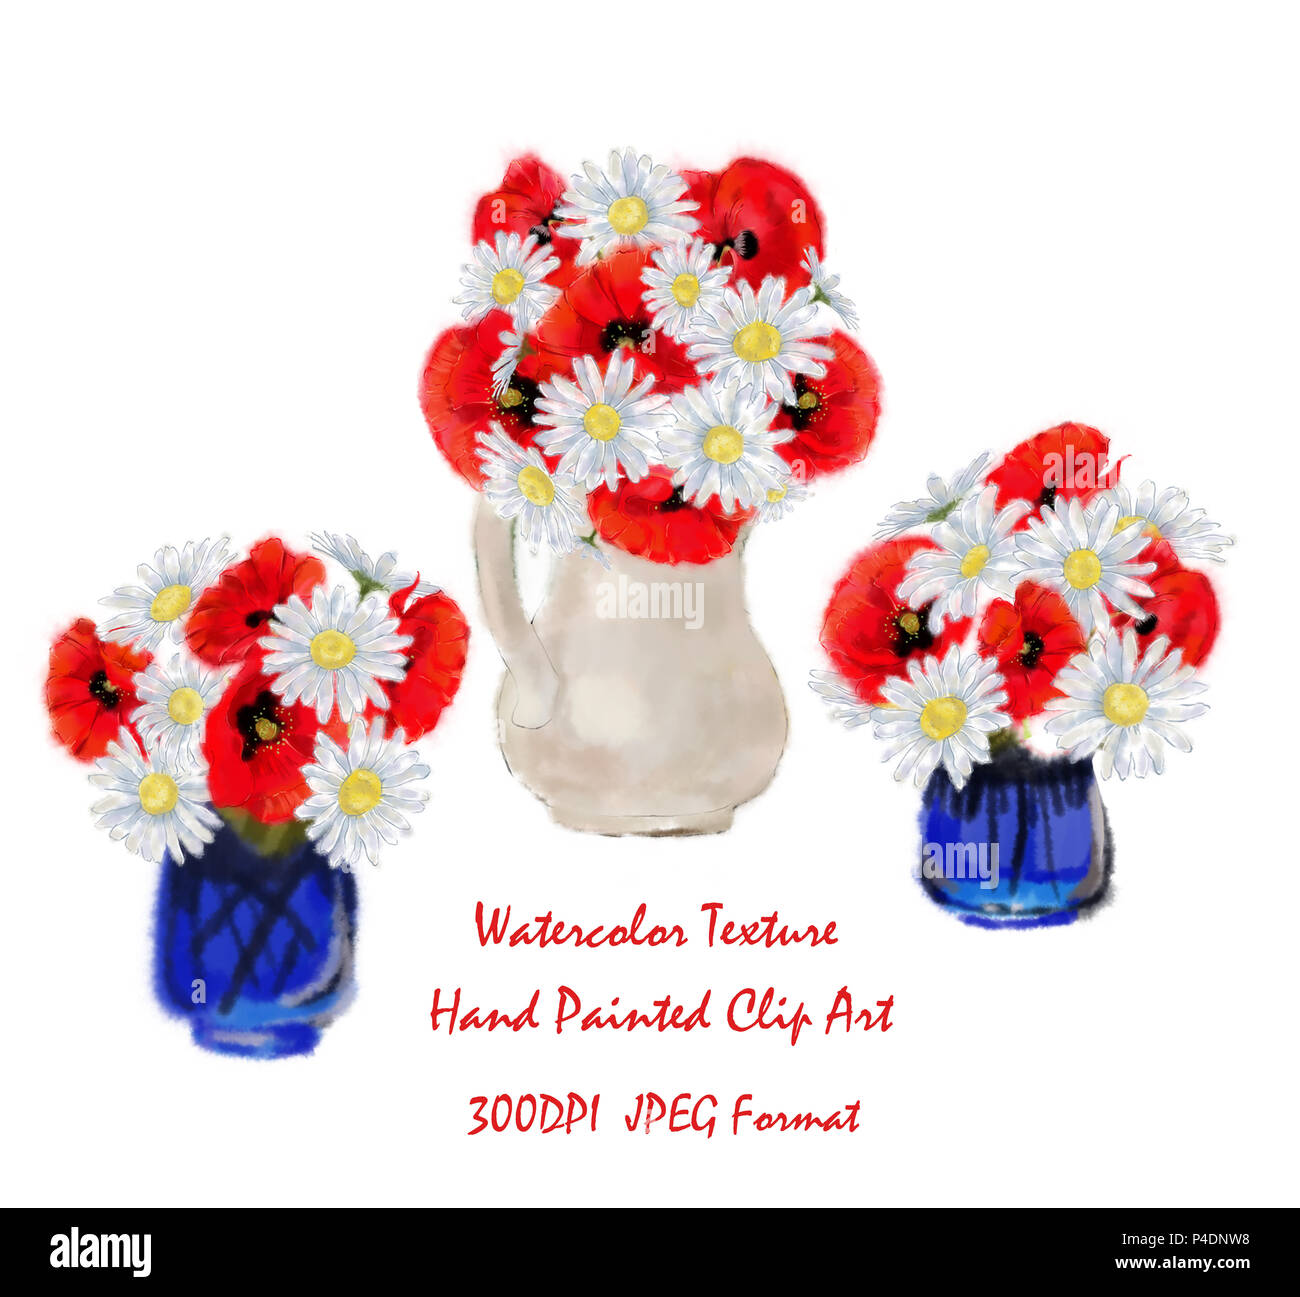 Ensemble de trois arrangements de fleurs isolé sur fond blanc. Daisy tricolore et bouquets de pavot en bleu et blanc pour Vases Clip Art, cartes, affiches. Photo Stock